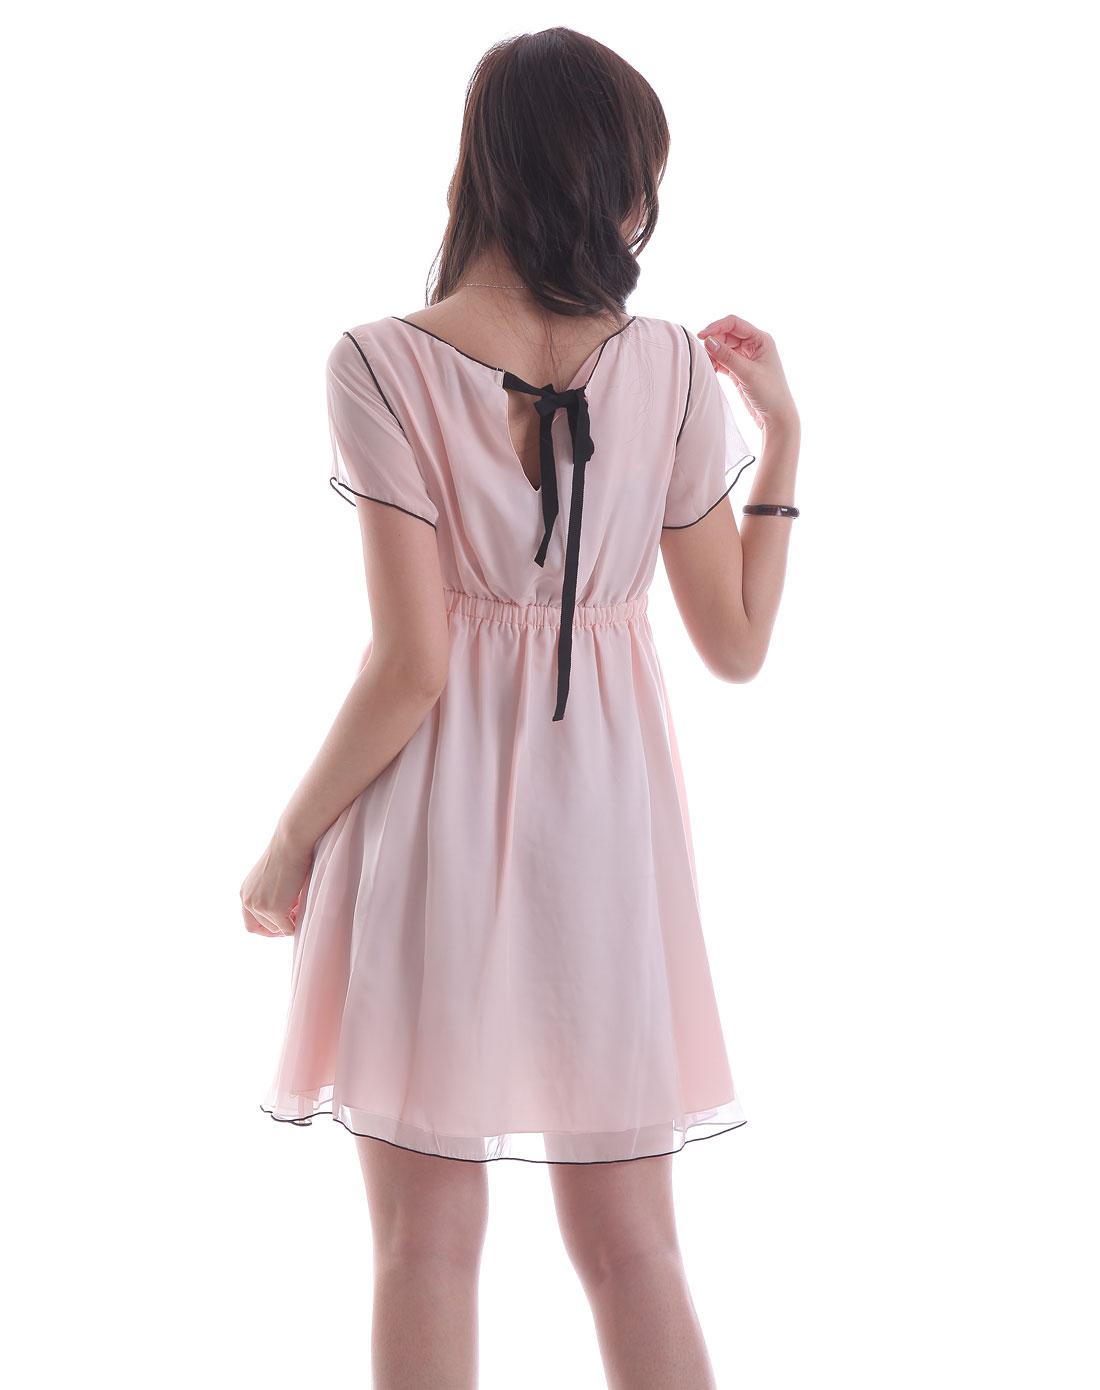 浅粉色花边短袖连衣裙